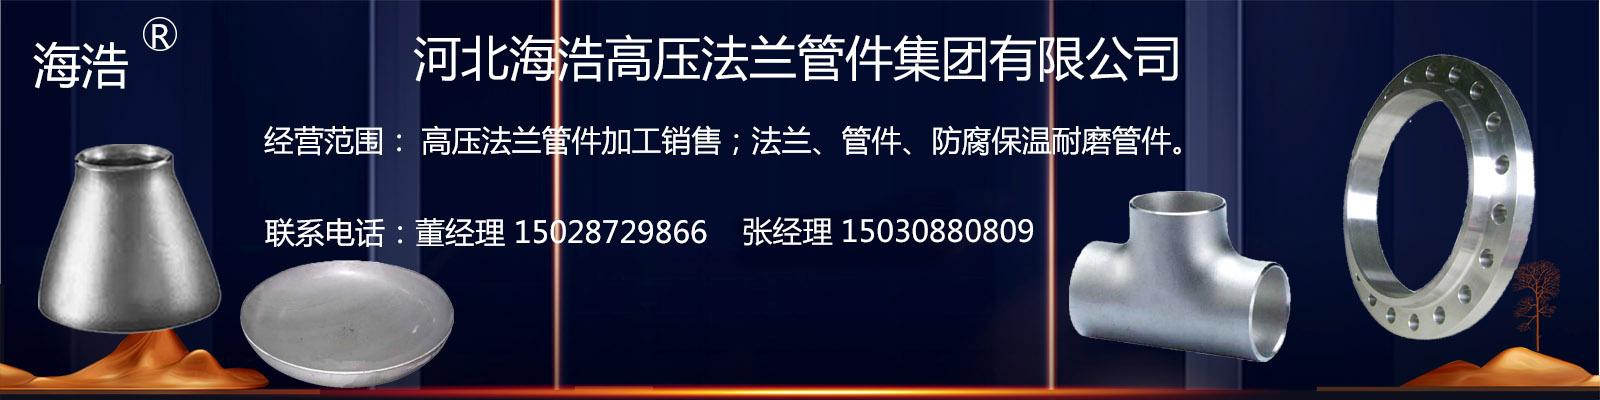 河北海浩高压法兰管件集团有限公司